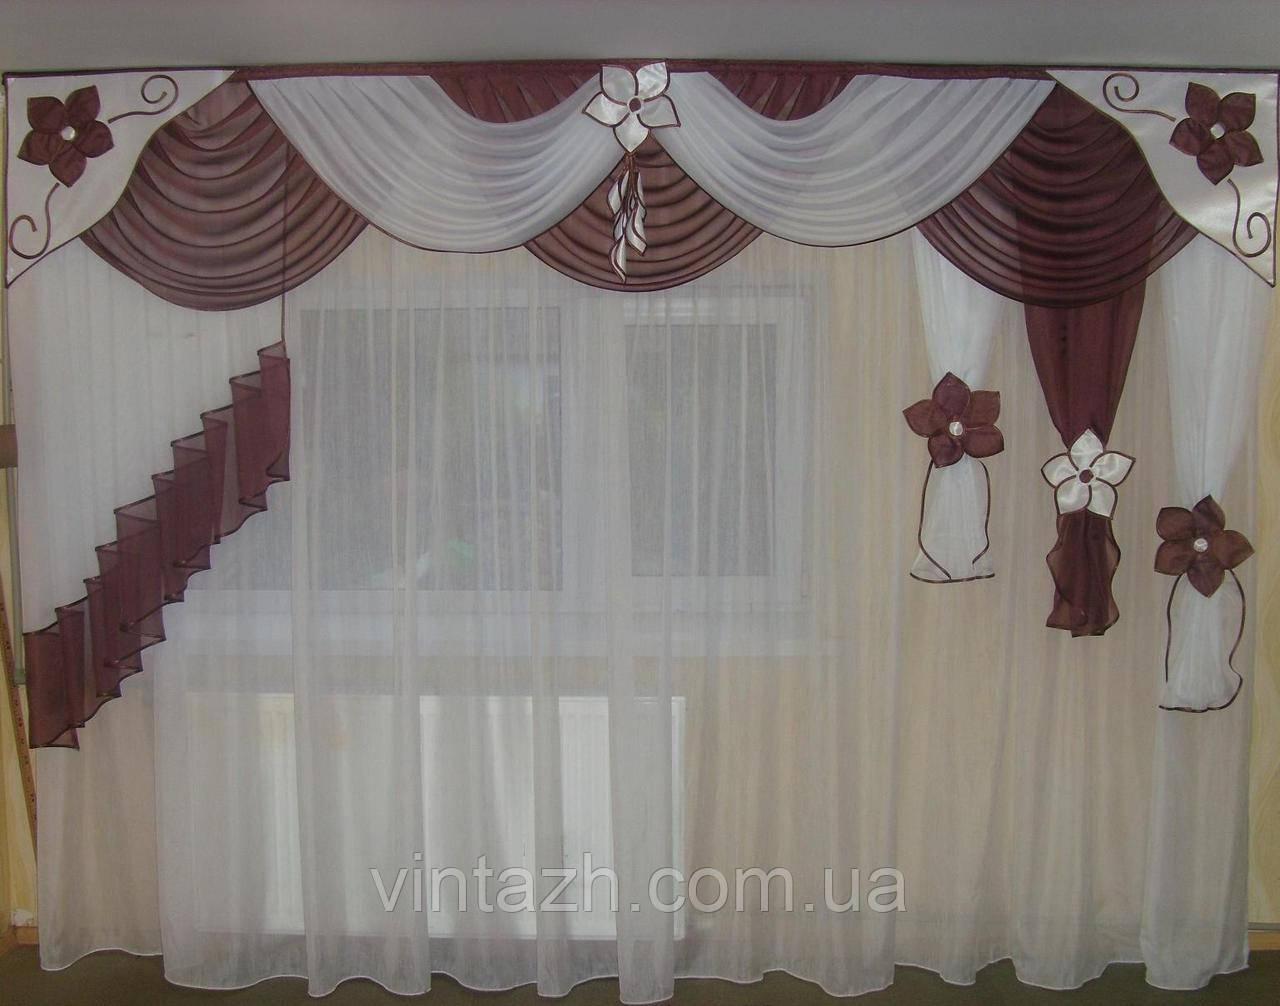 Модный ламбрекен в гостиную ручной работы в Украине